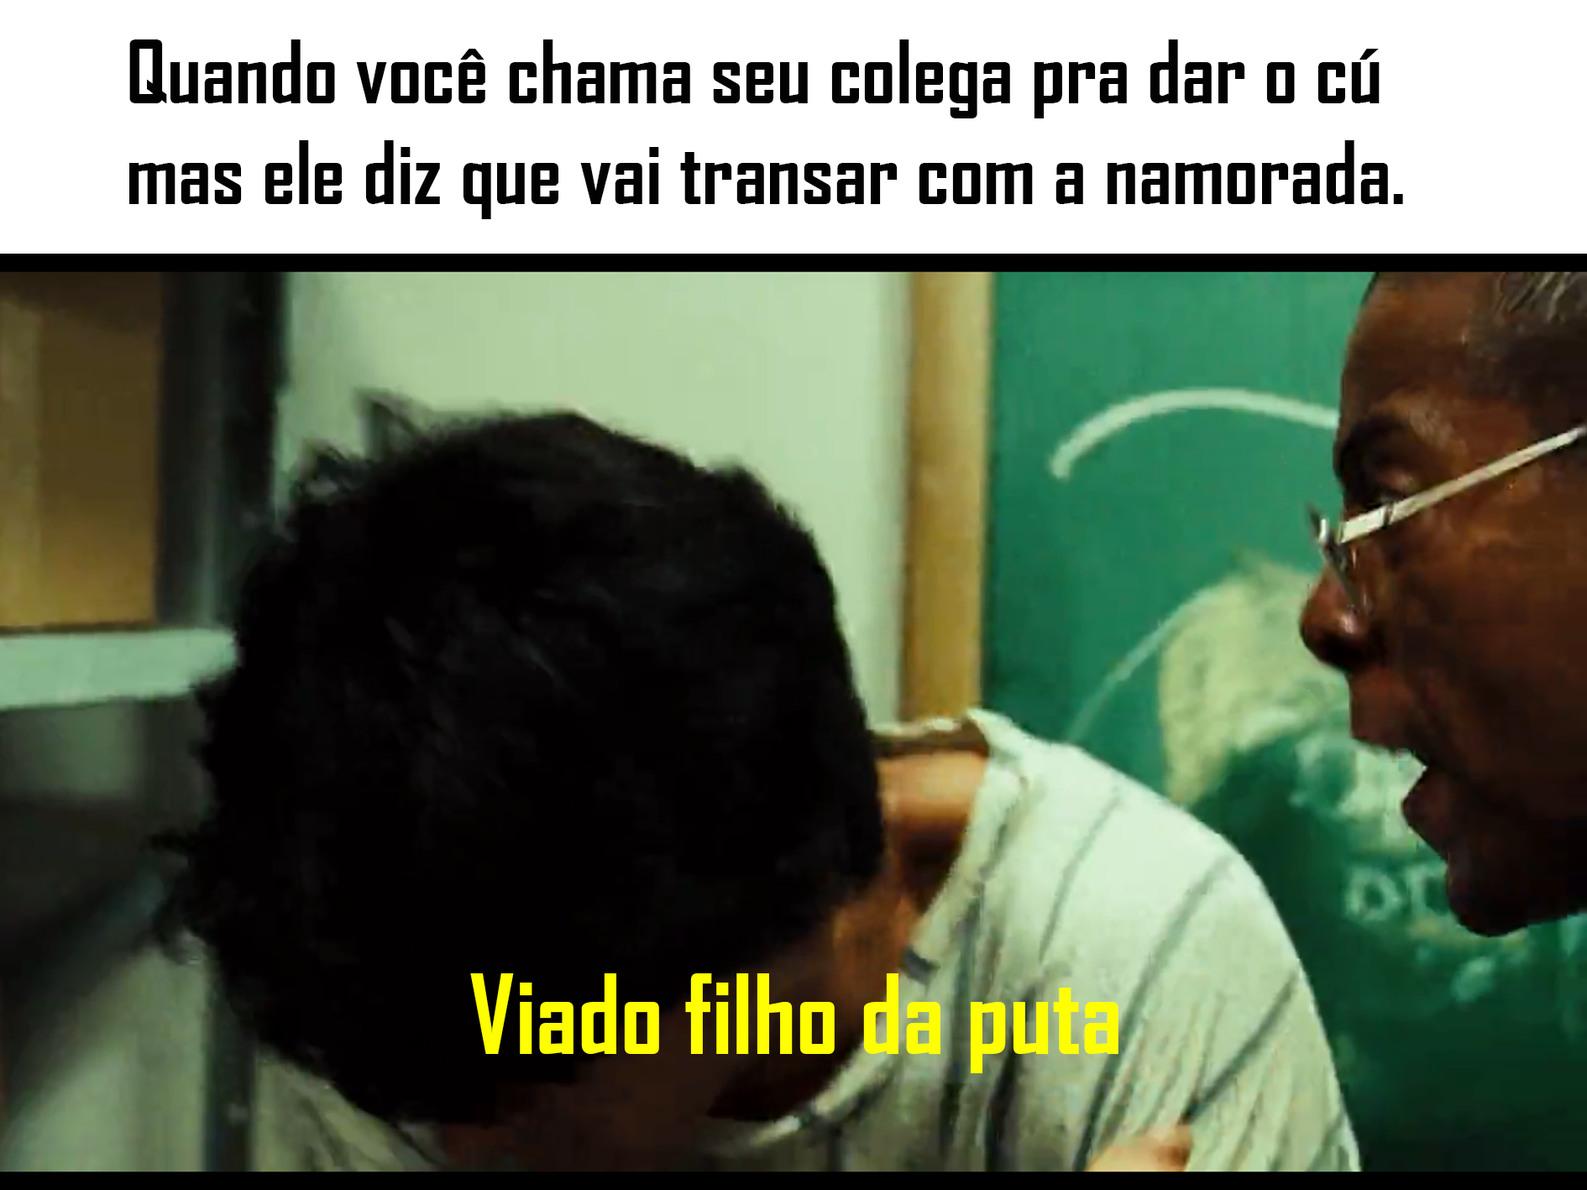 paitola 2 - meme